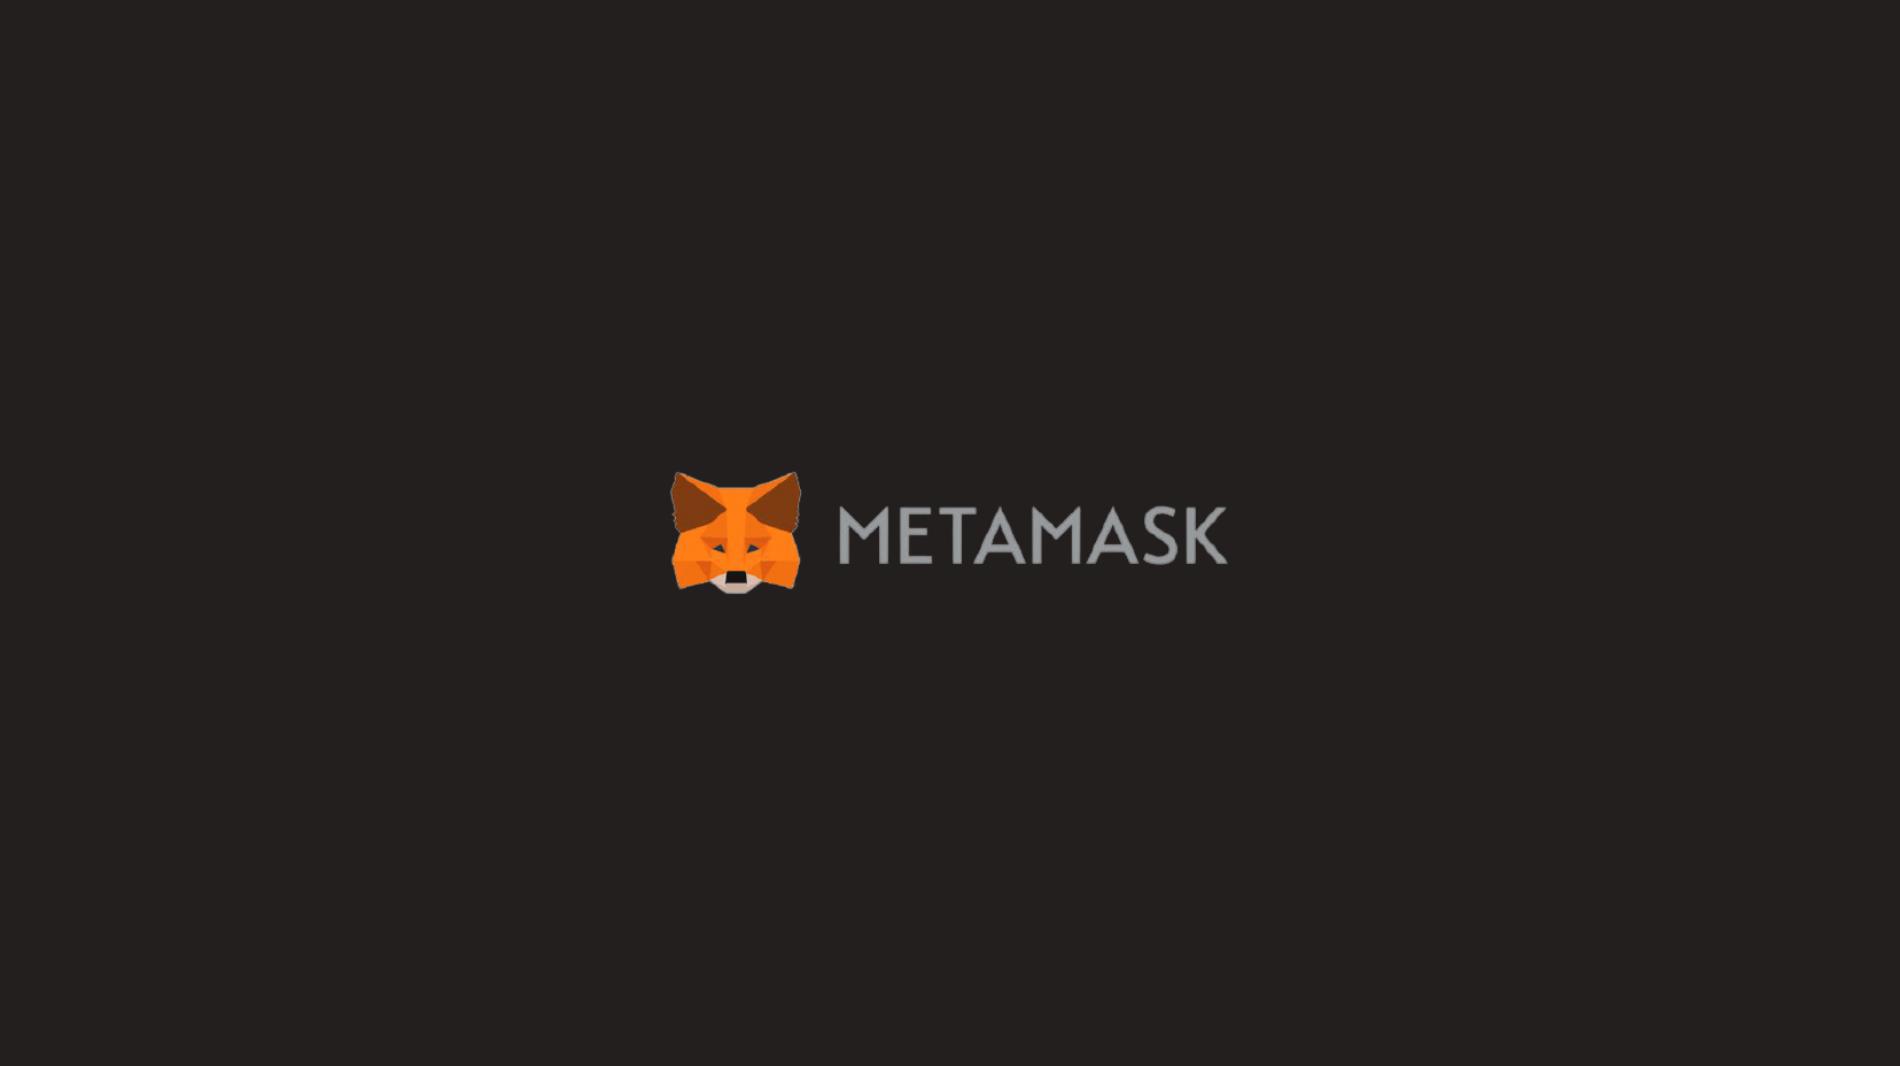 イーサリアムウォレット「MetaMask(メタマスク)」特徴や使い方を徹底解説!